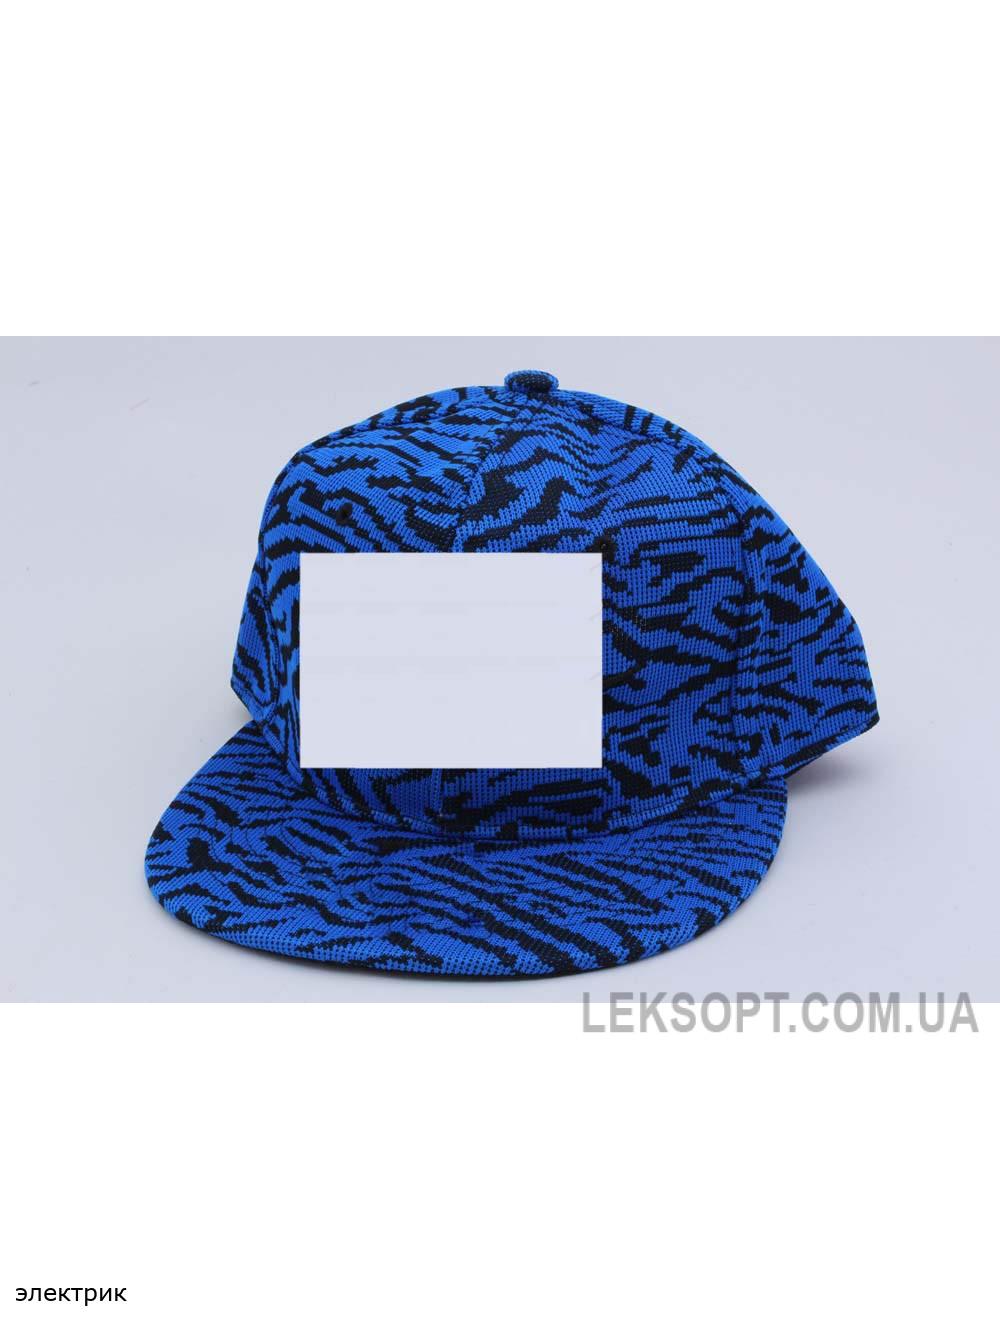 Rap - sp32336-56-60